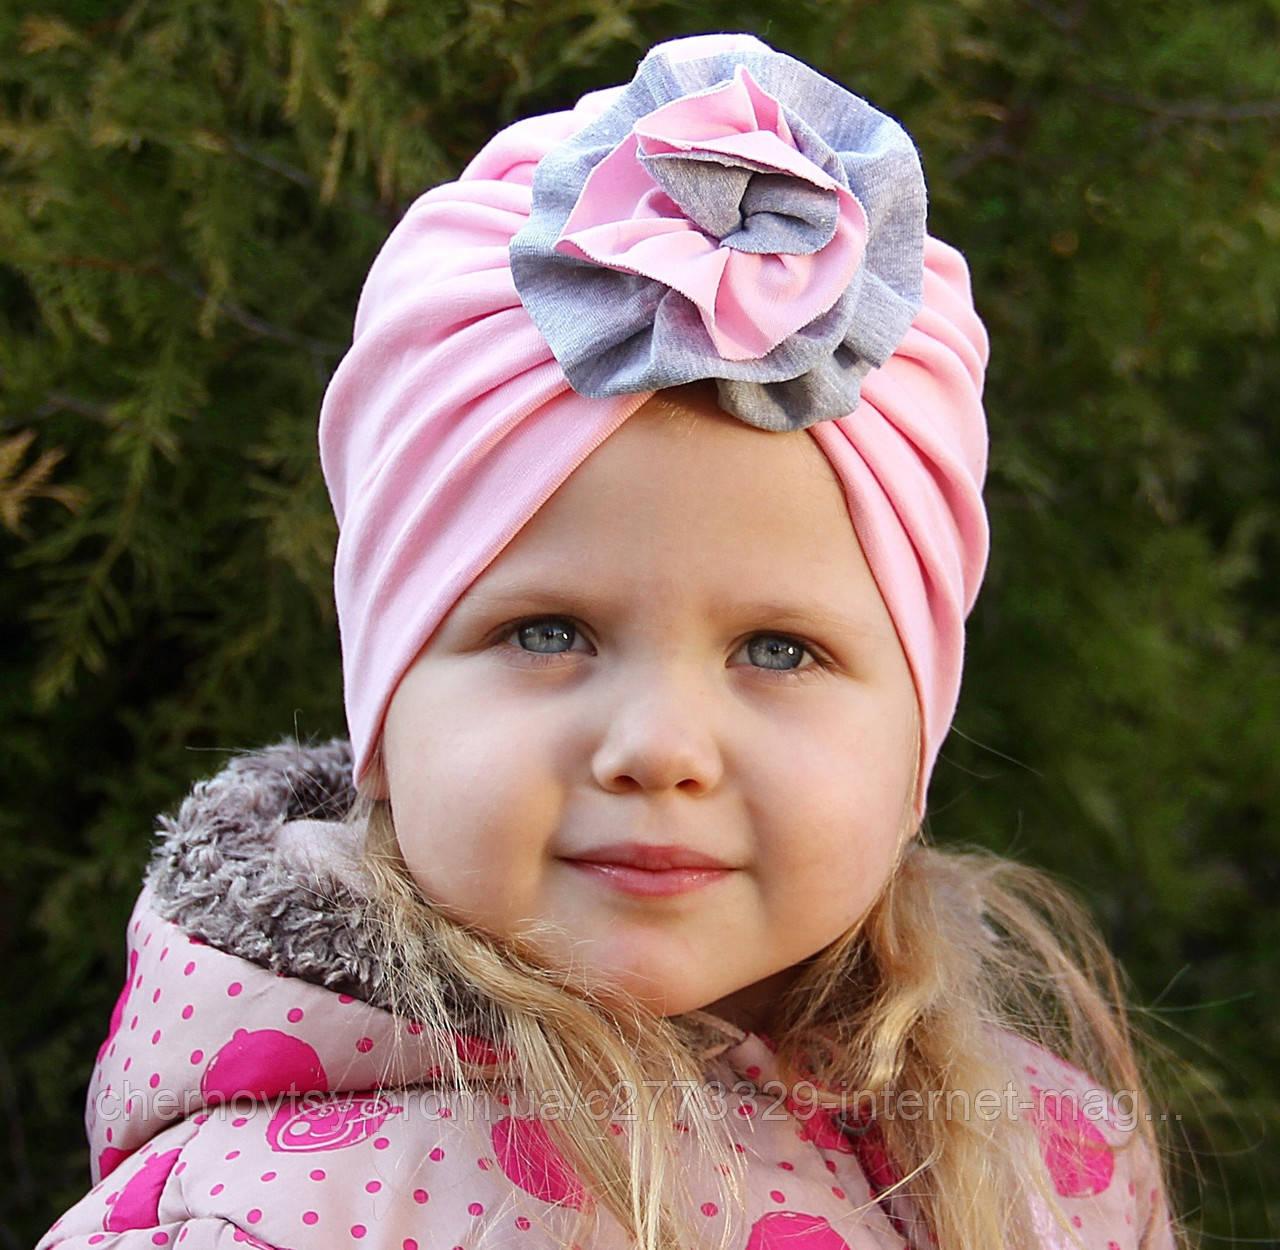 """Шапка чалма """"Розочка"""" розово-серая 2-слойная, размеры 0-5 лет"""